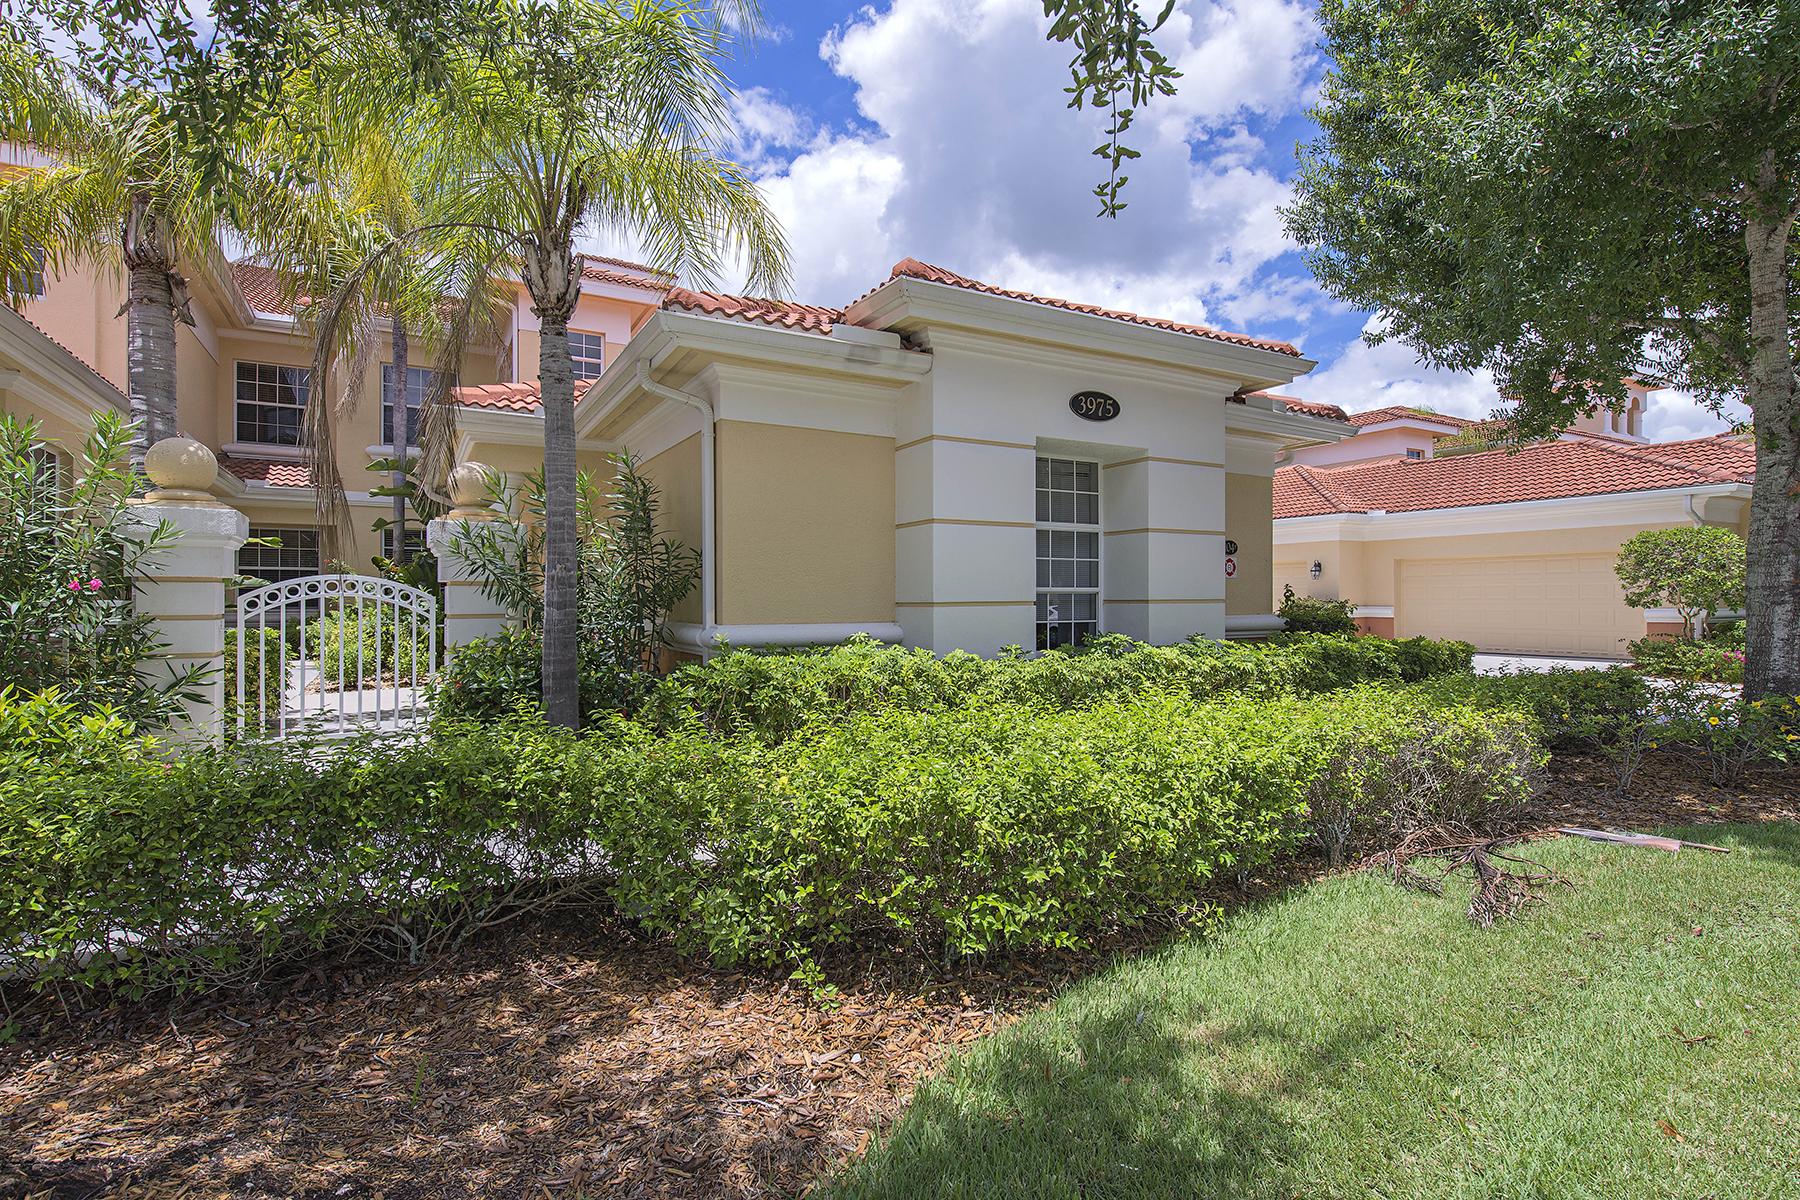 共管式独立产权公寓 为 销售 在 FIDDLER'S CREEK- DEER CROSSING 3975 Deer Crossing Ct 104 Naples, 佛罗里达州 34114 美国